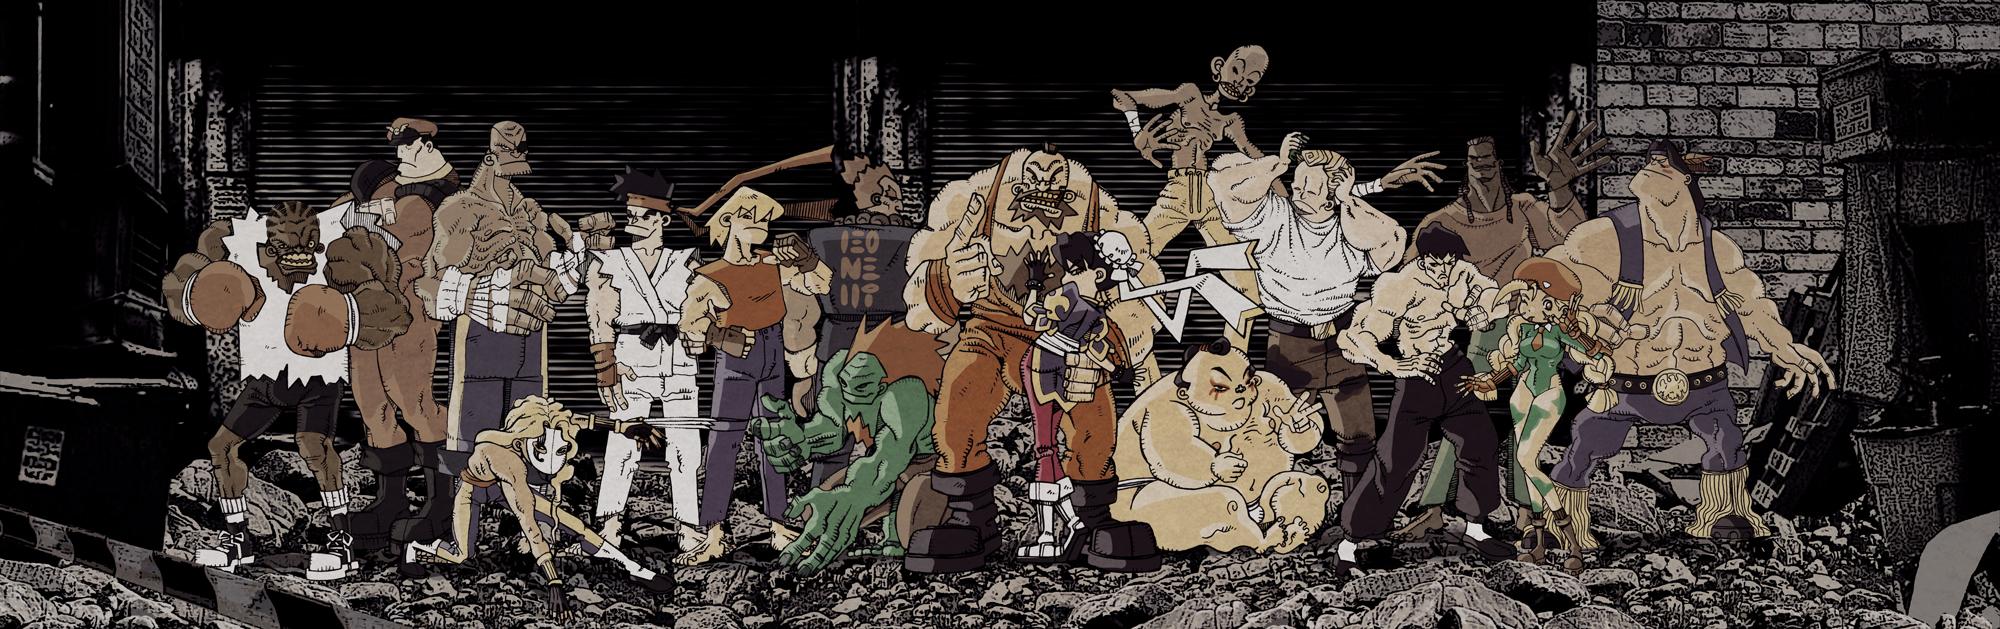 Super Street Fighter II by Pe-u